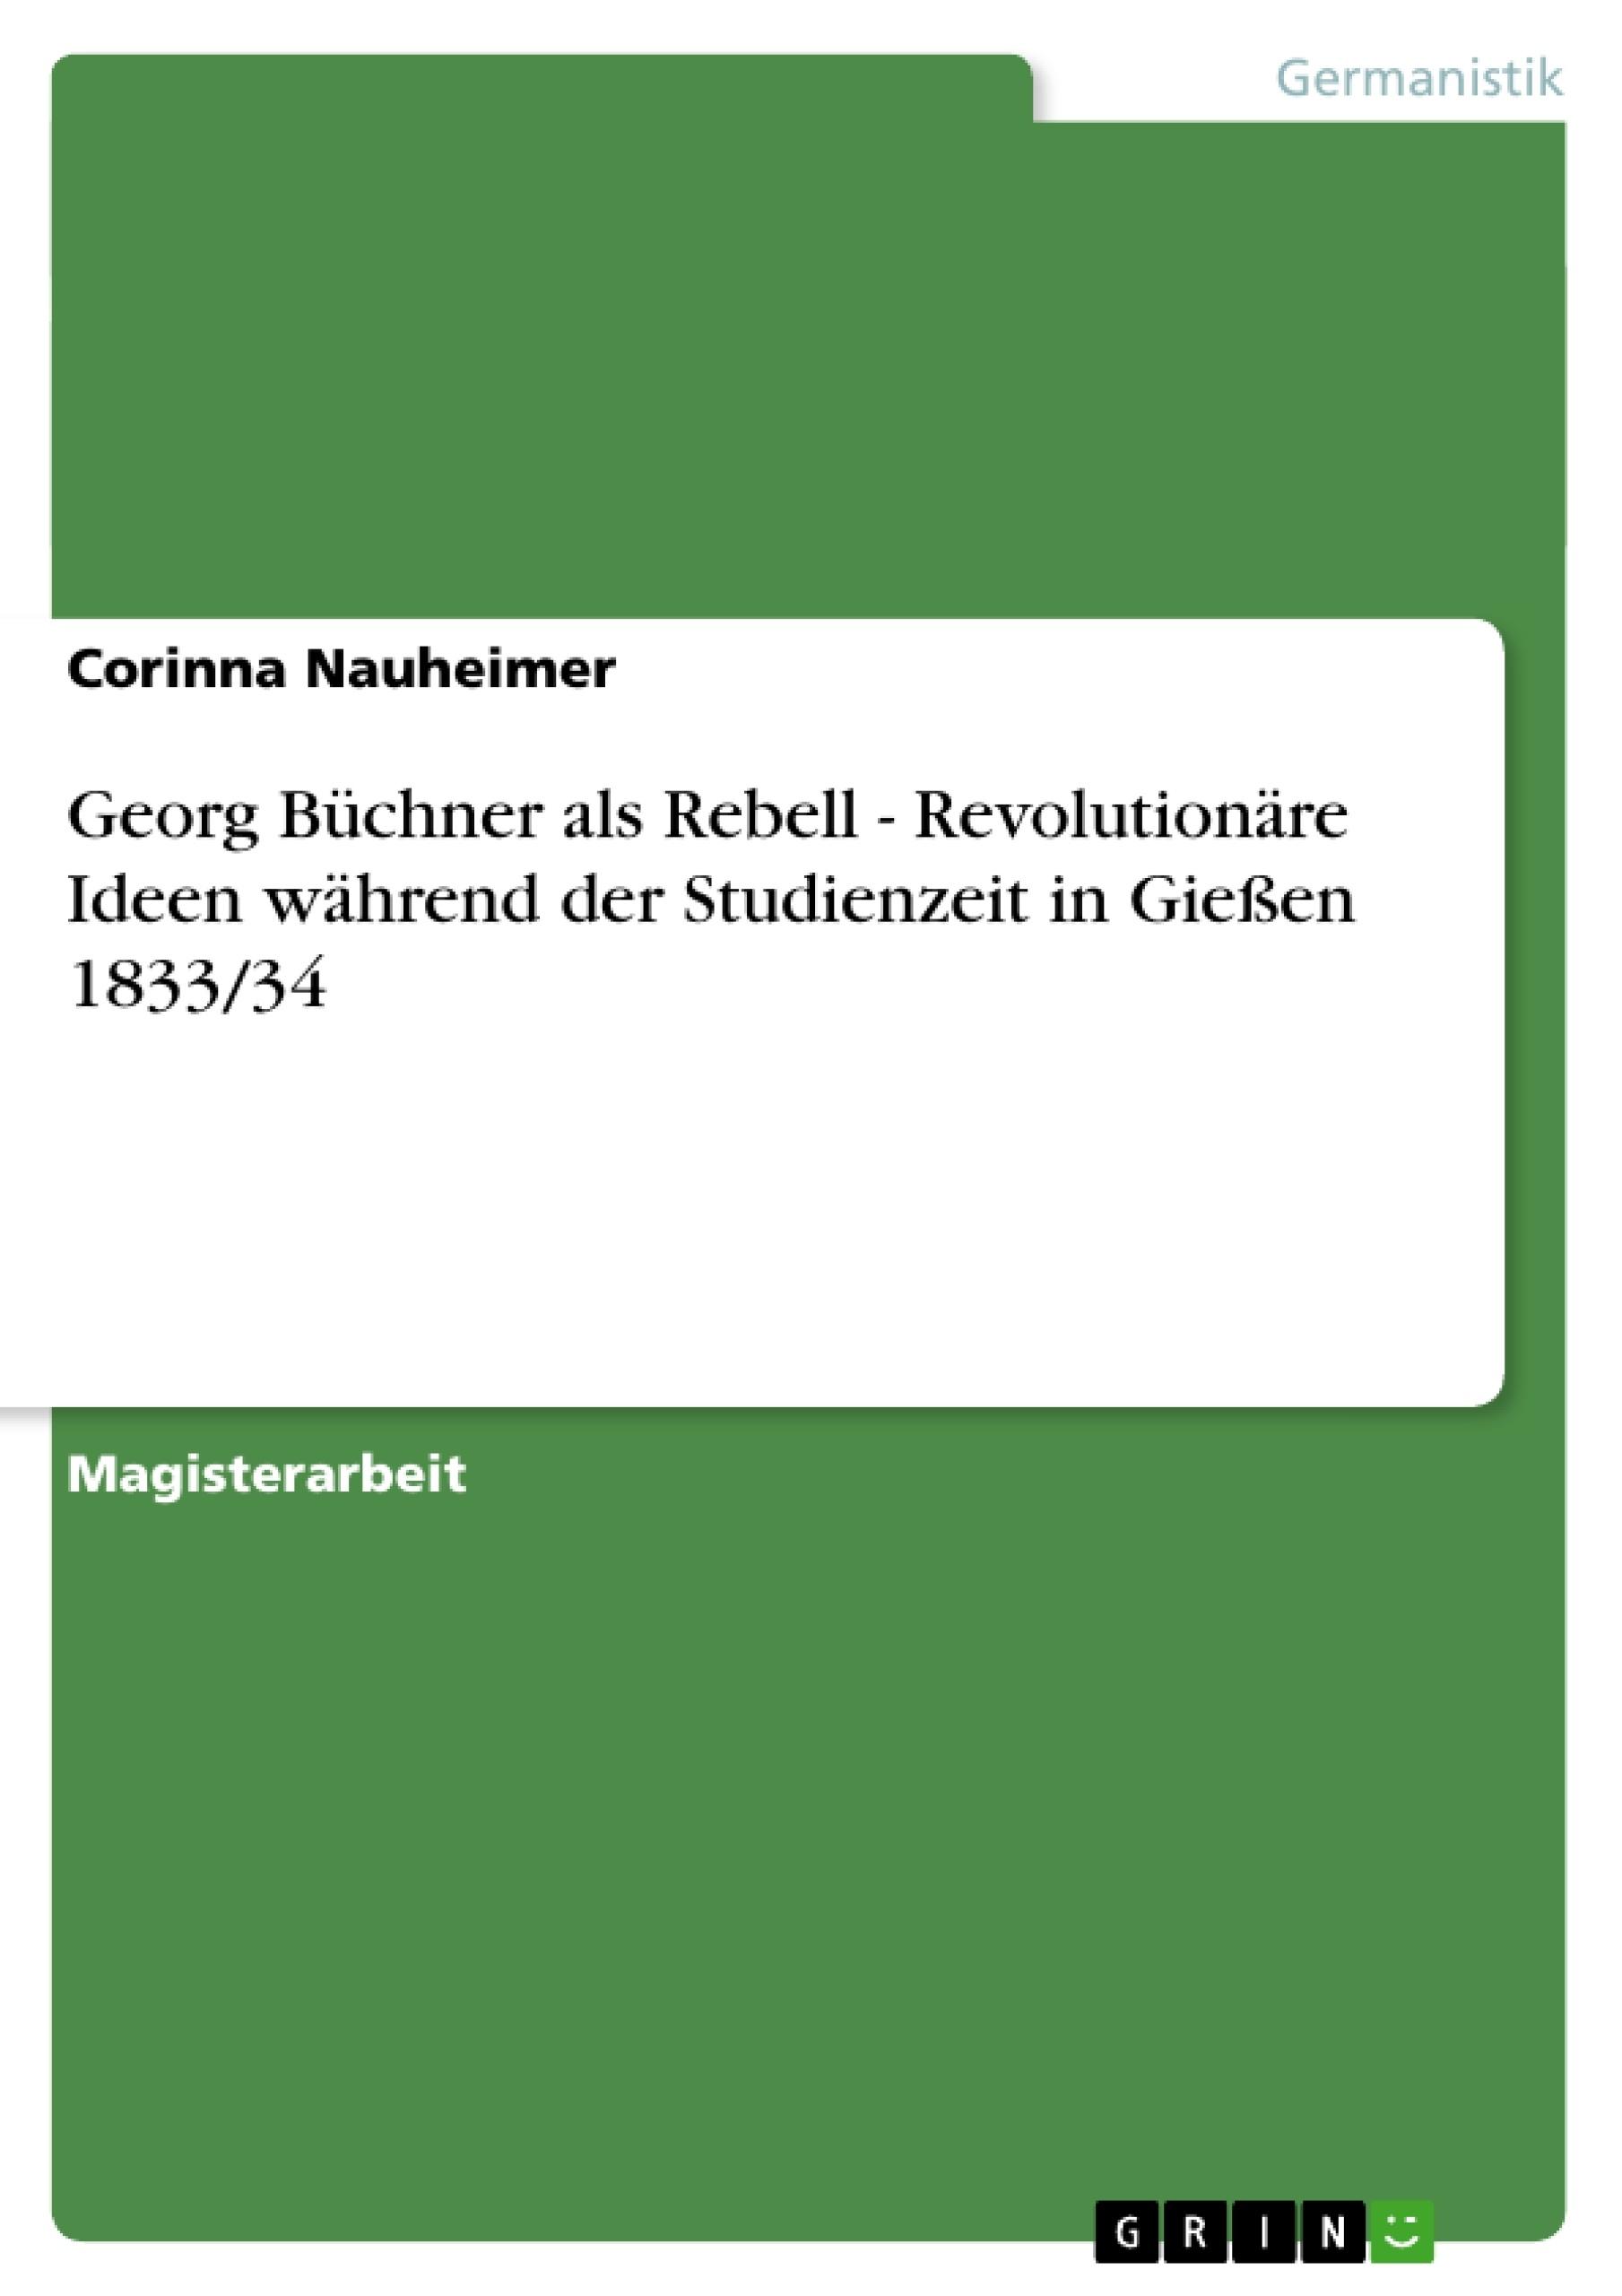 Titel: Georg Büchner als Rebell - Revolutionäre Ideen während der Studienzeit in Gießen 1833/34